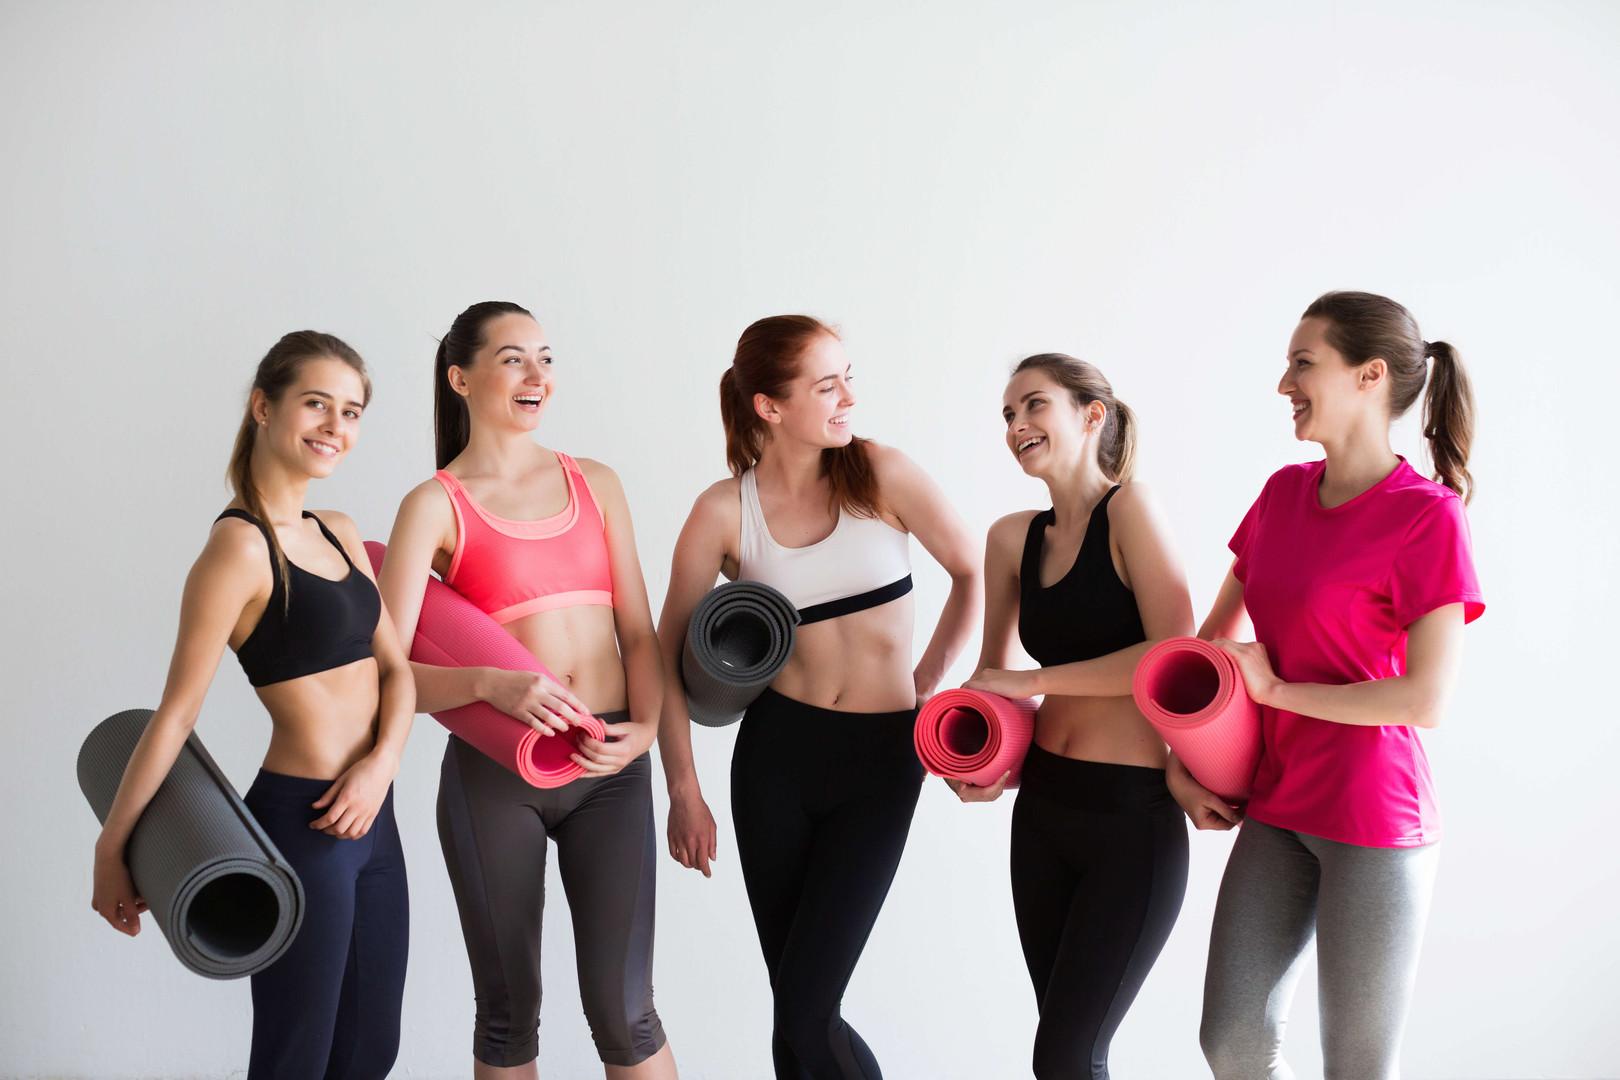 fitness classes for teen girls